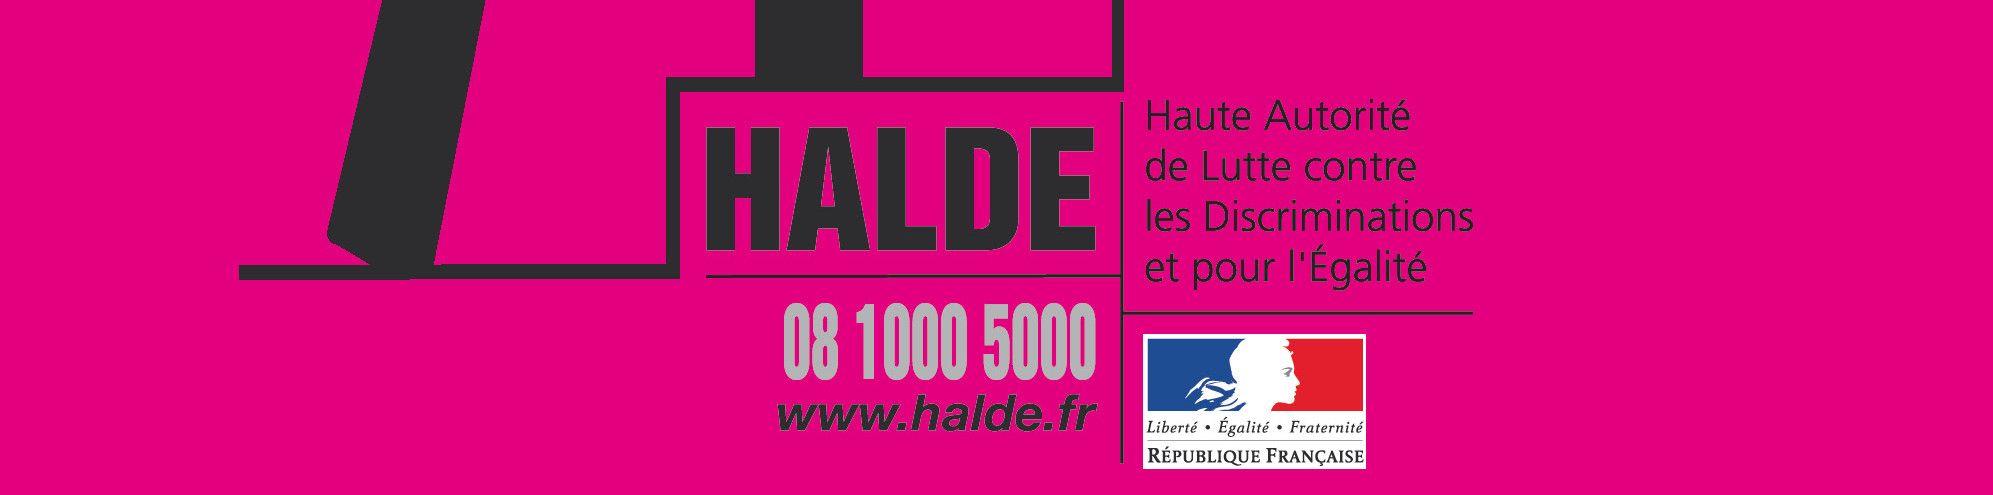 Bandeau de la page 'HALDE : Lutte contre les discriminations